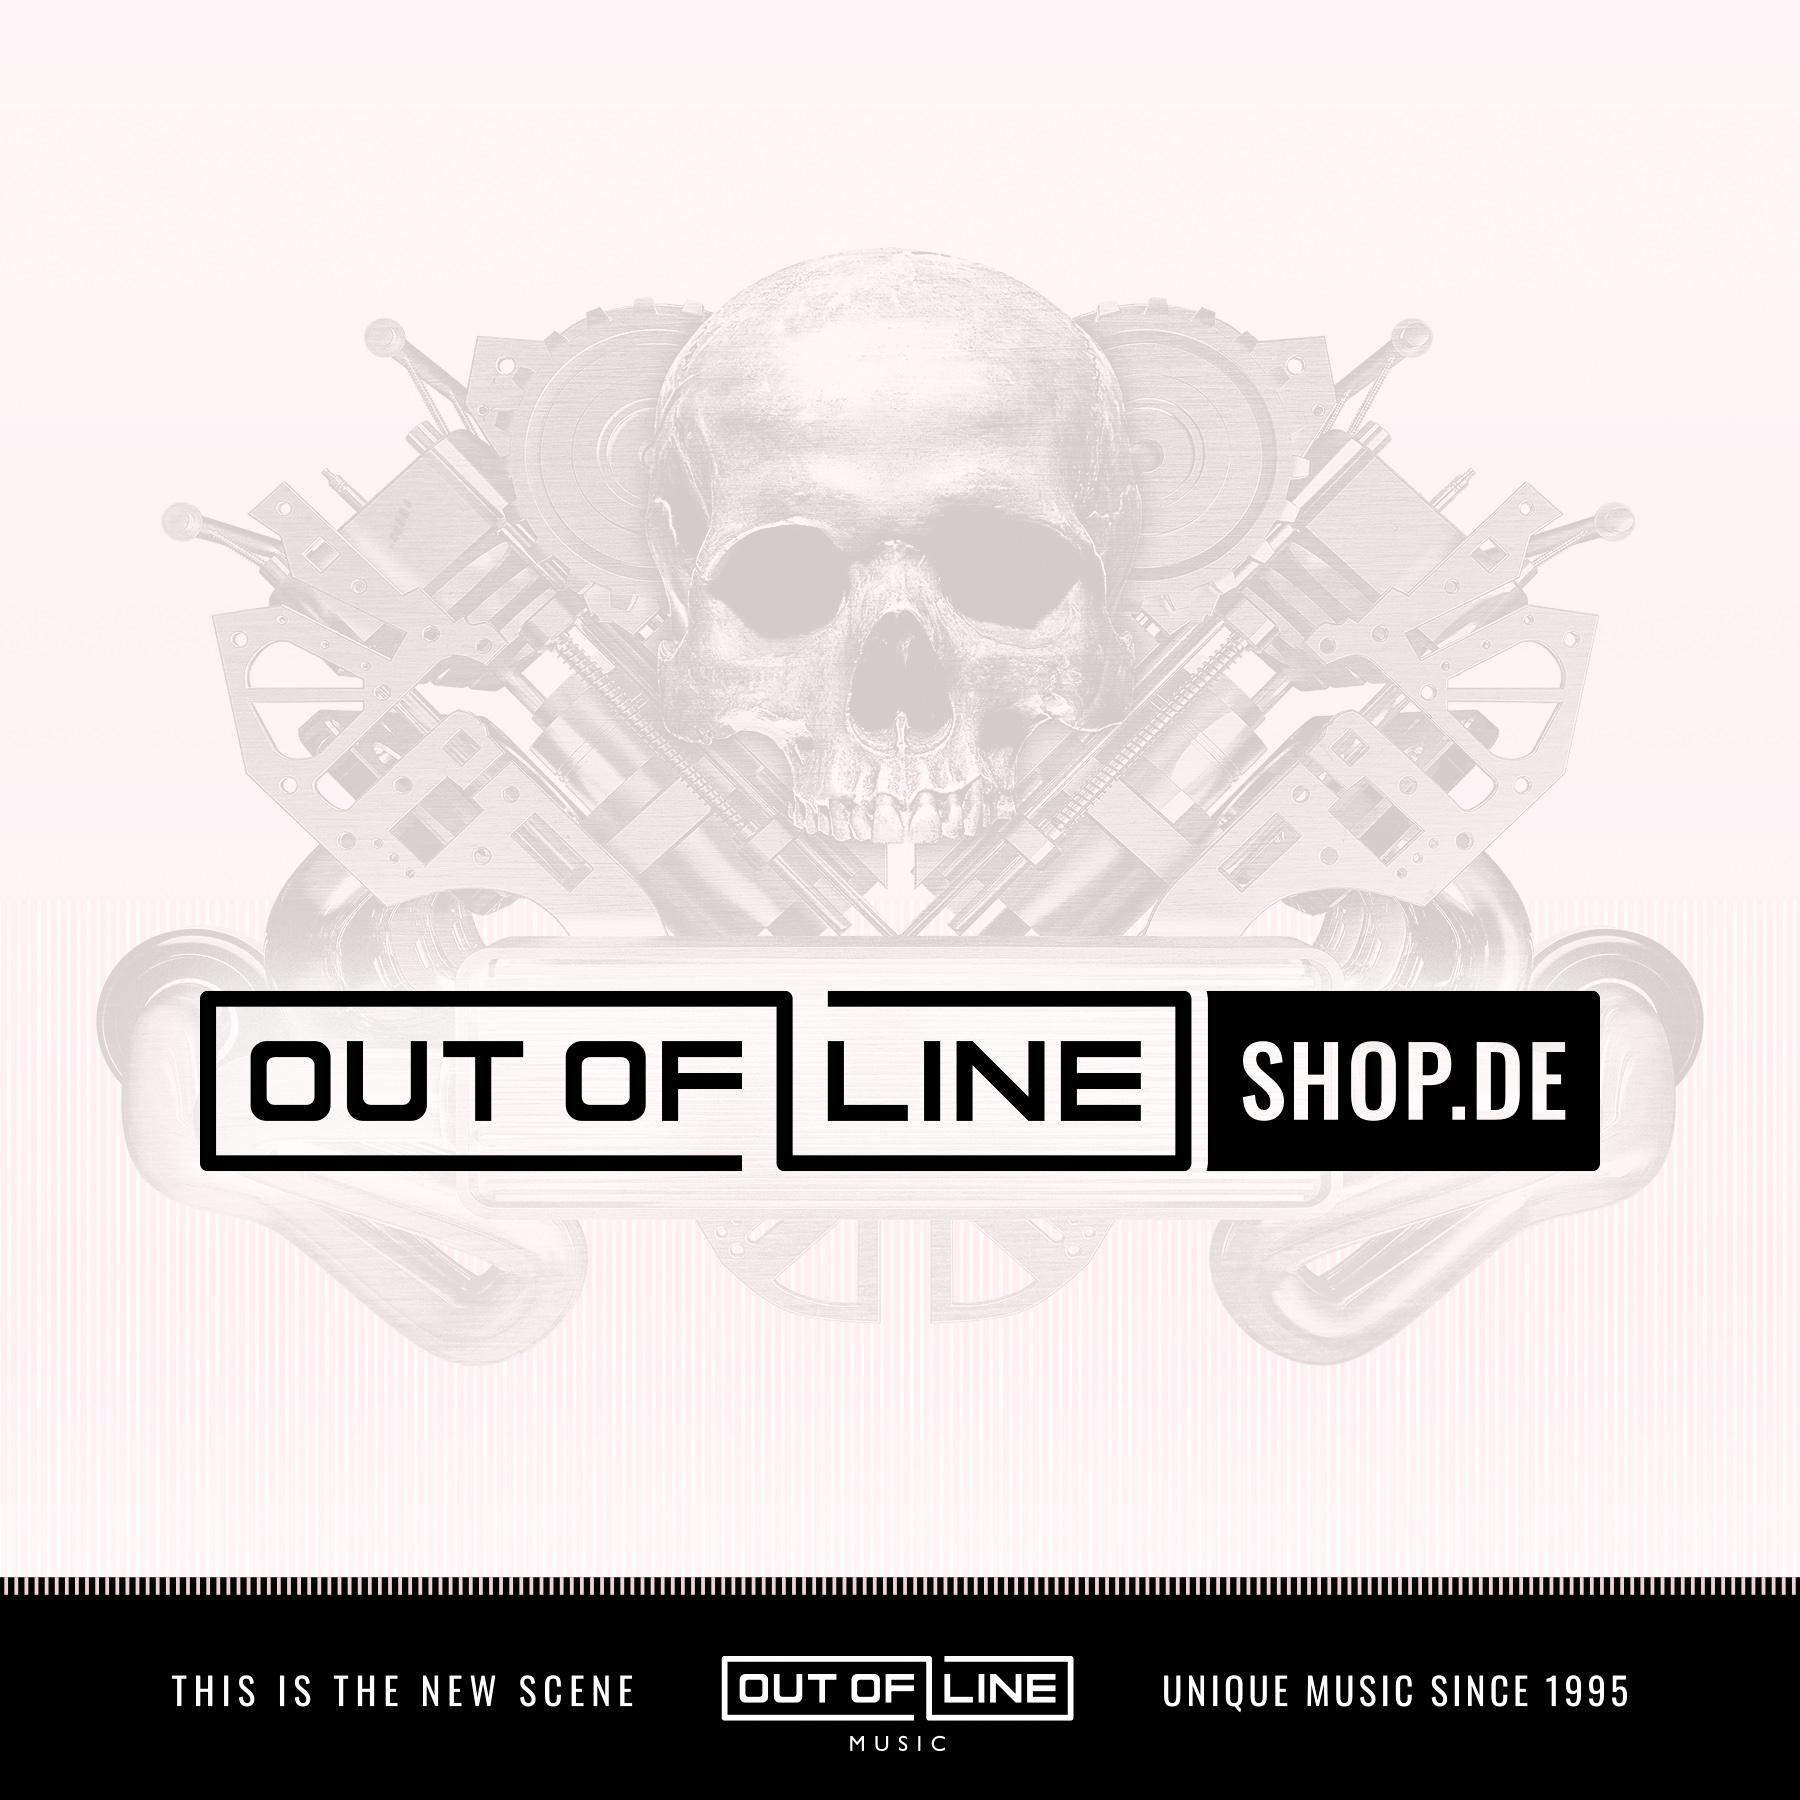 EBM - Make EBM Great Again - Girlie-Shirt